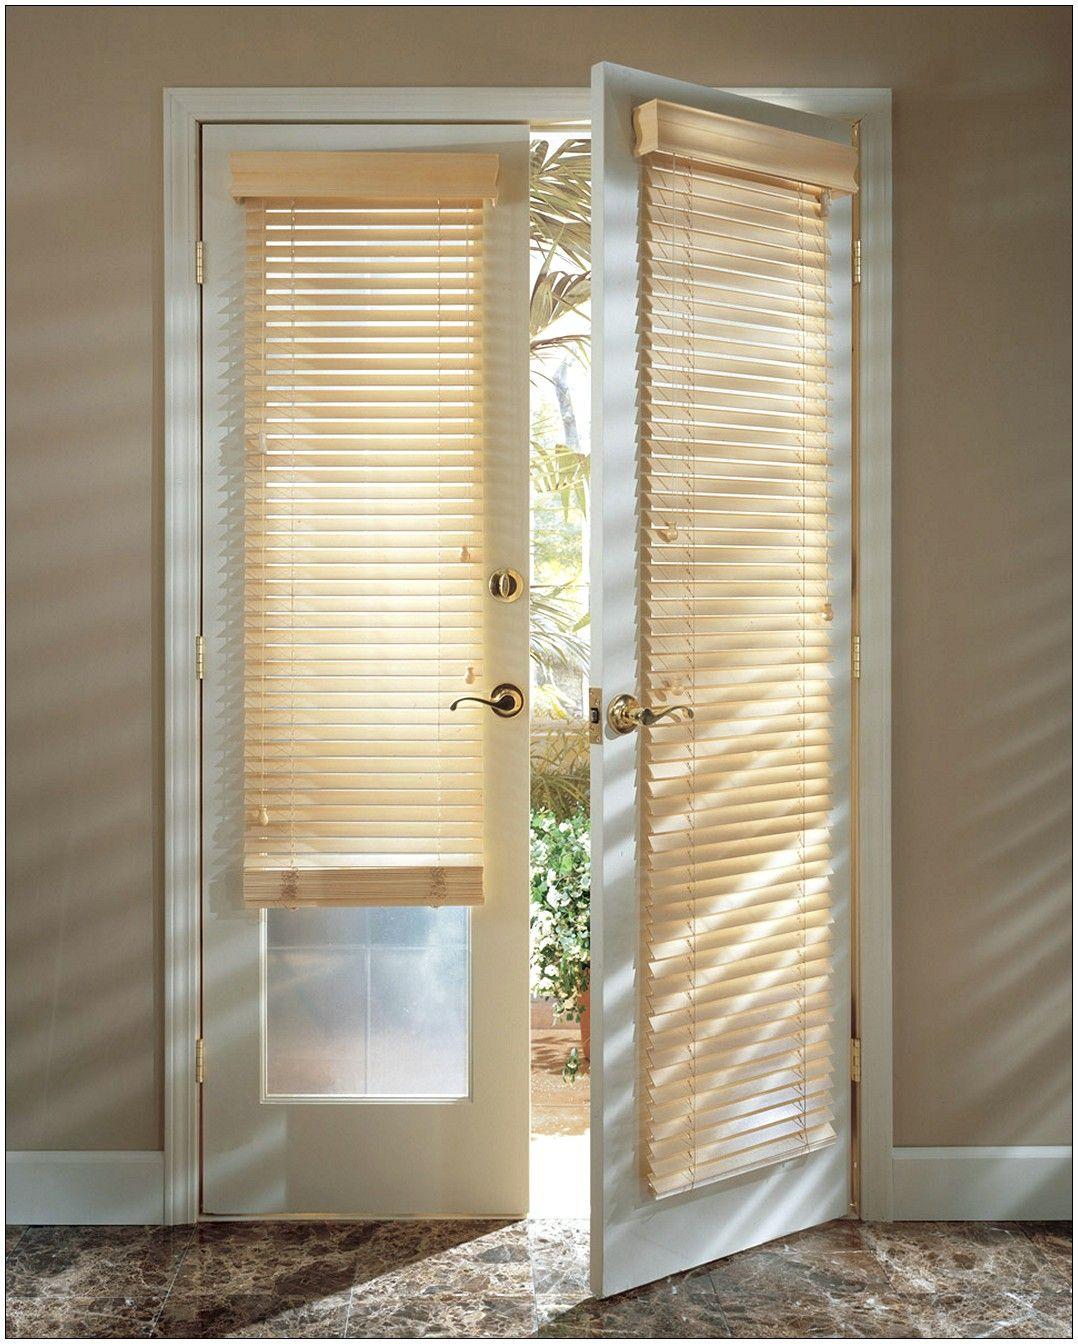 General French Door Blinds Photo Resourcedir Home